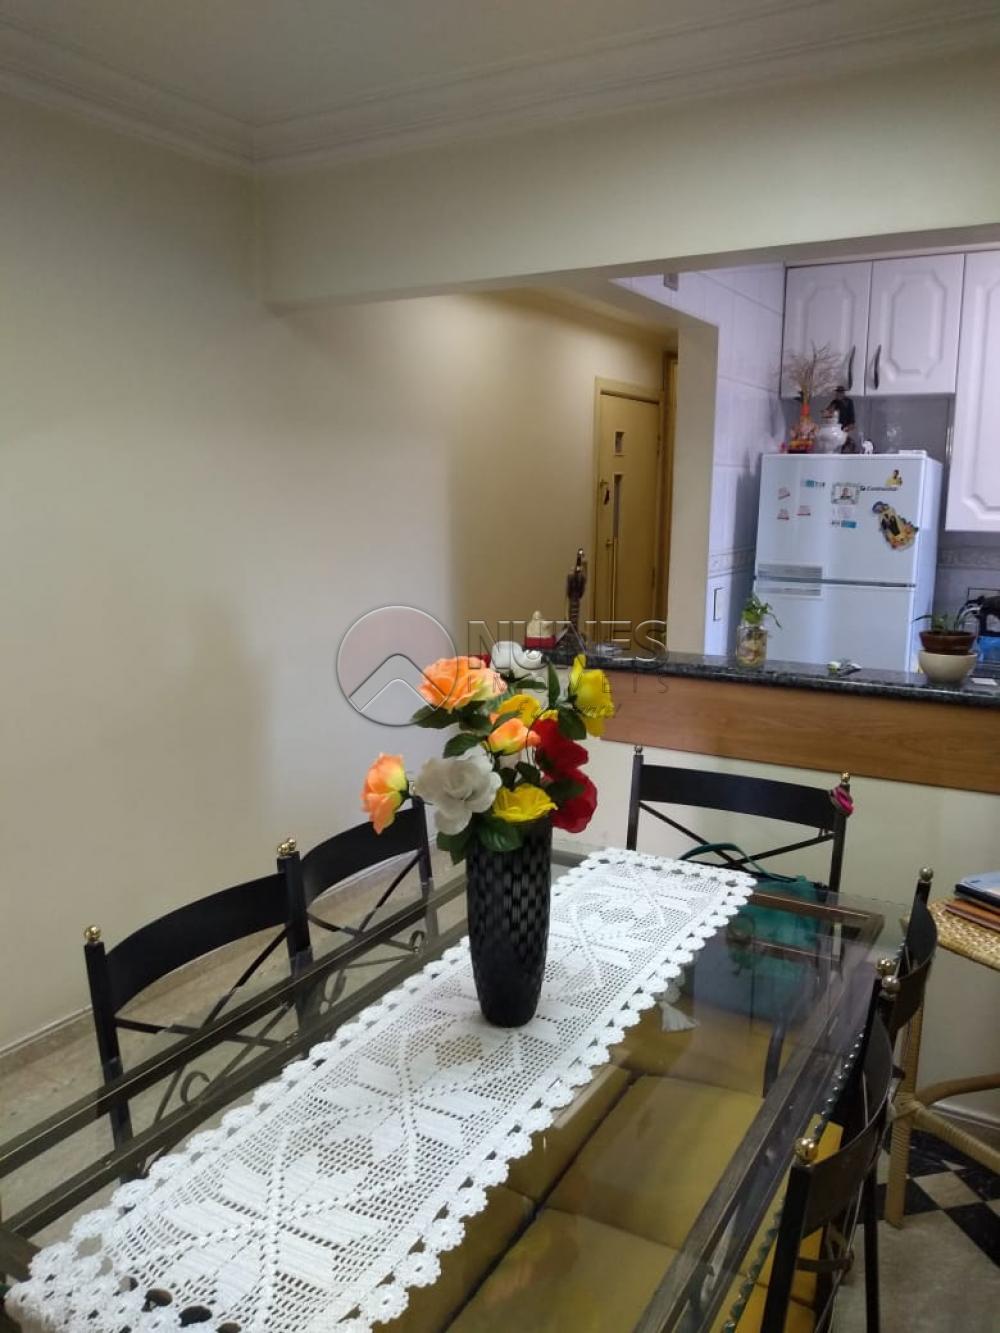 Comprar Apartamento / Padrão em Osasco apenas R$ 500.000,00 - Foto 9